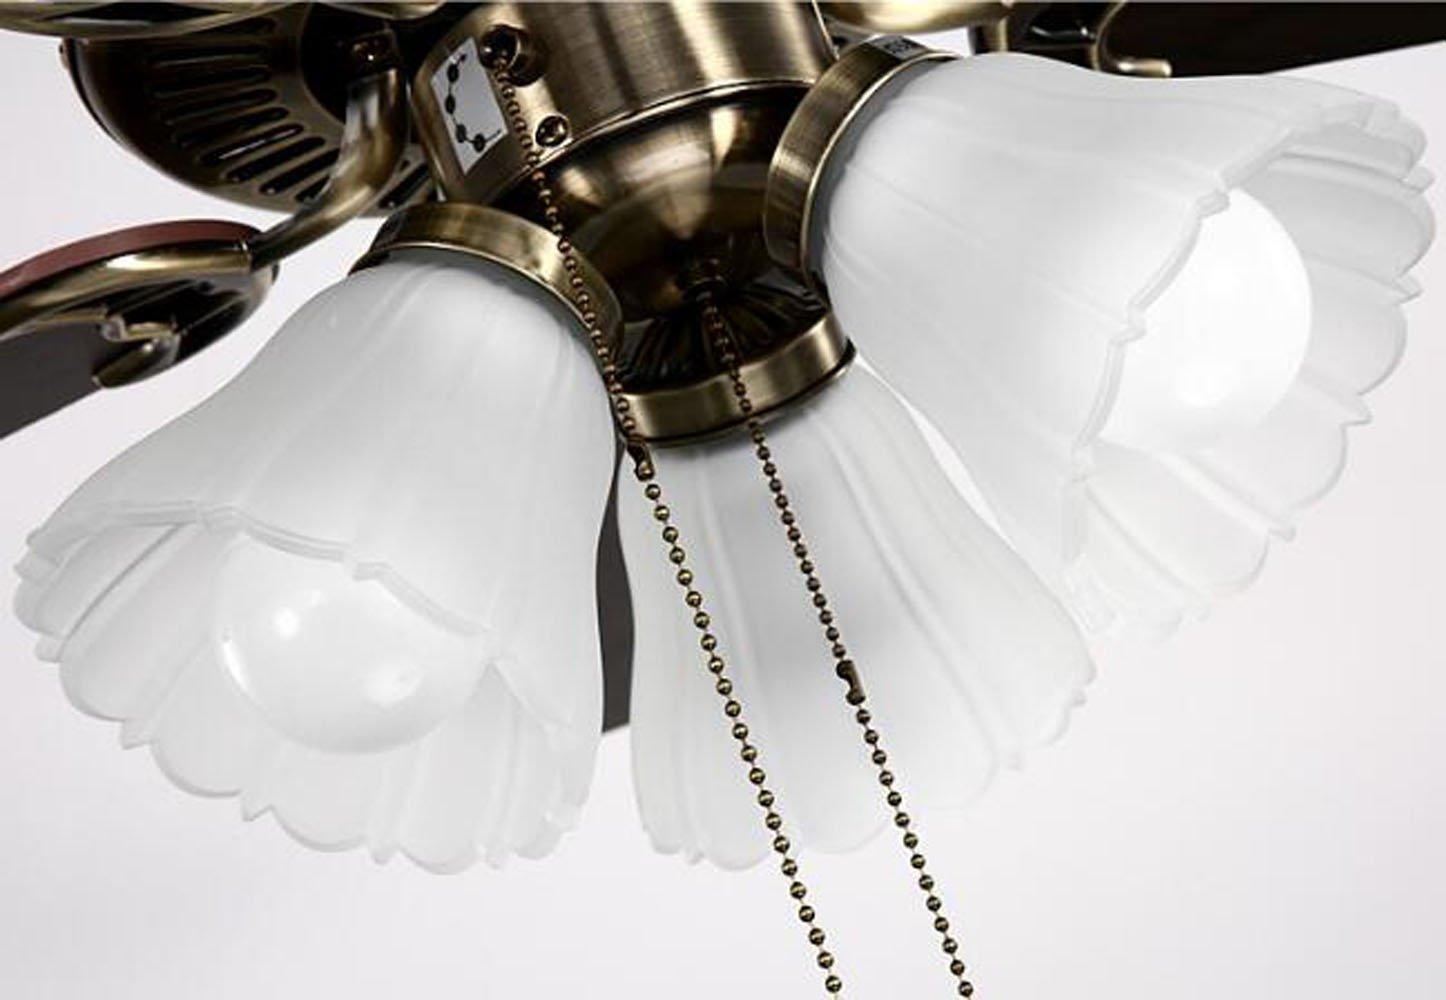 Huston Fan Modern Simple 42-inch Ceiling Fan Lamp Living Room Home LED Llights Ceiling Fan Chandelier Bronze Fan by Huston Fan (Image #4)